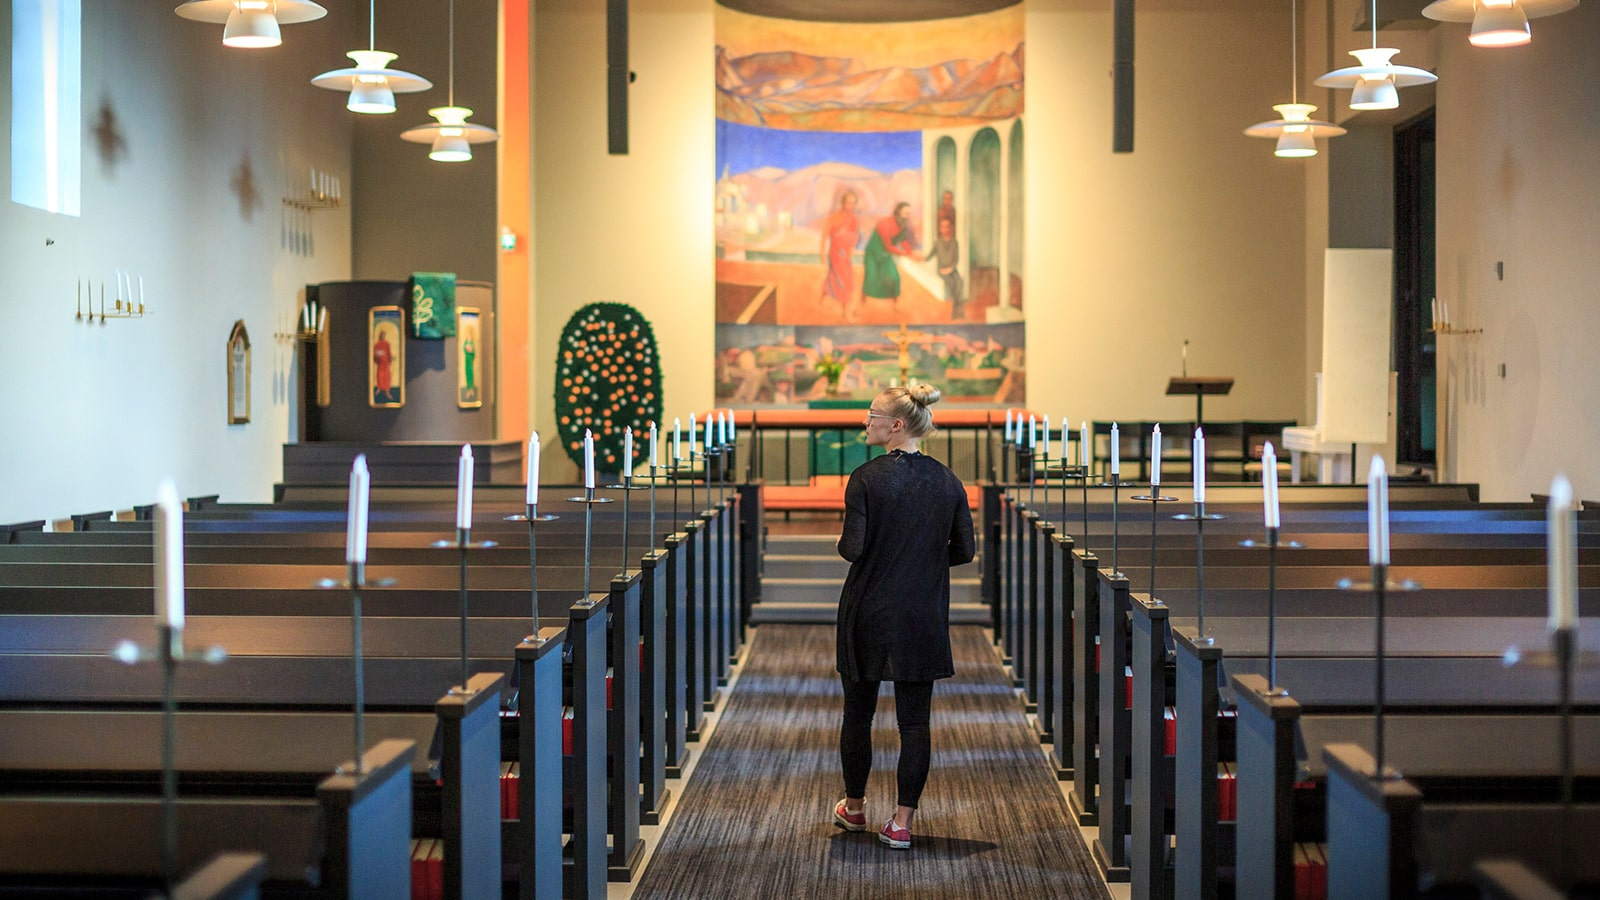 Person walks down the aisle of Muurame church